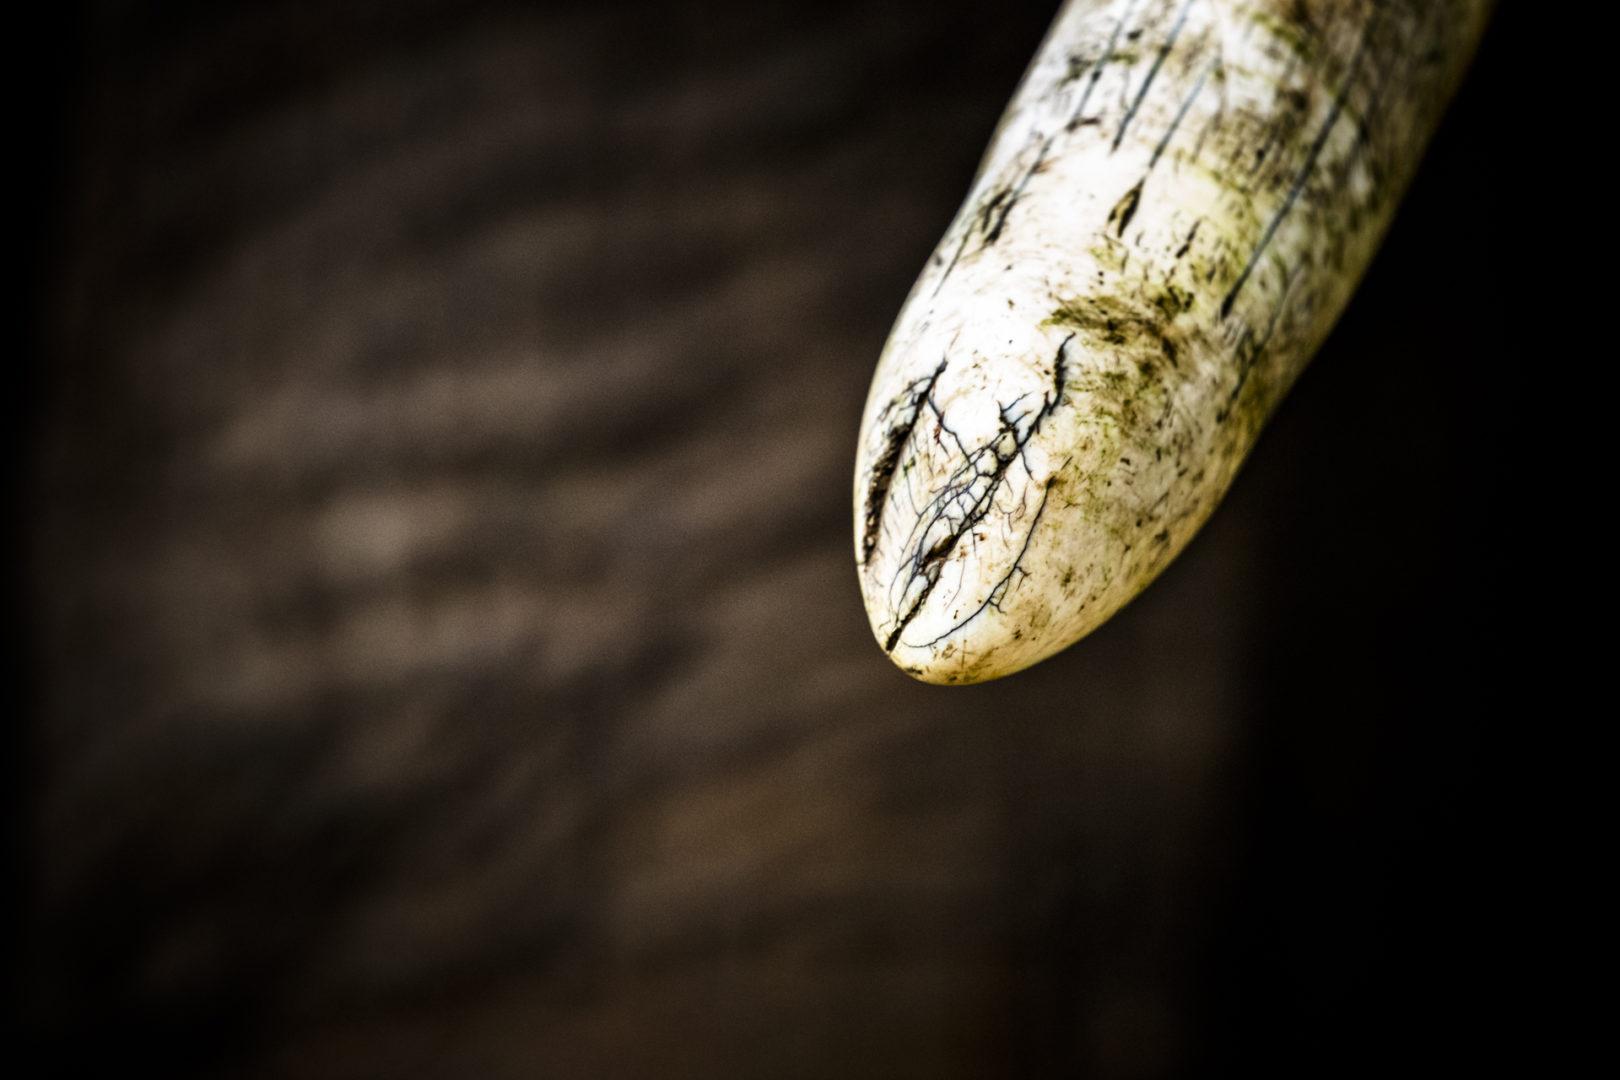 4 Day Madikwe Photo Tour Elephant tusk abstract photo